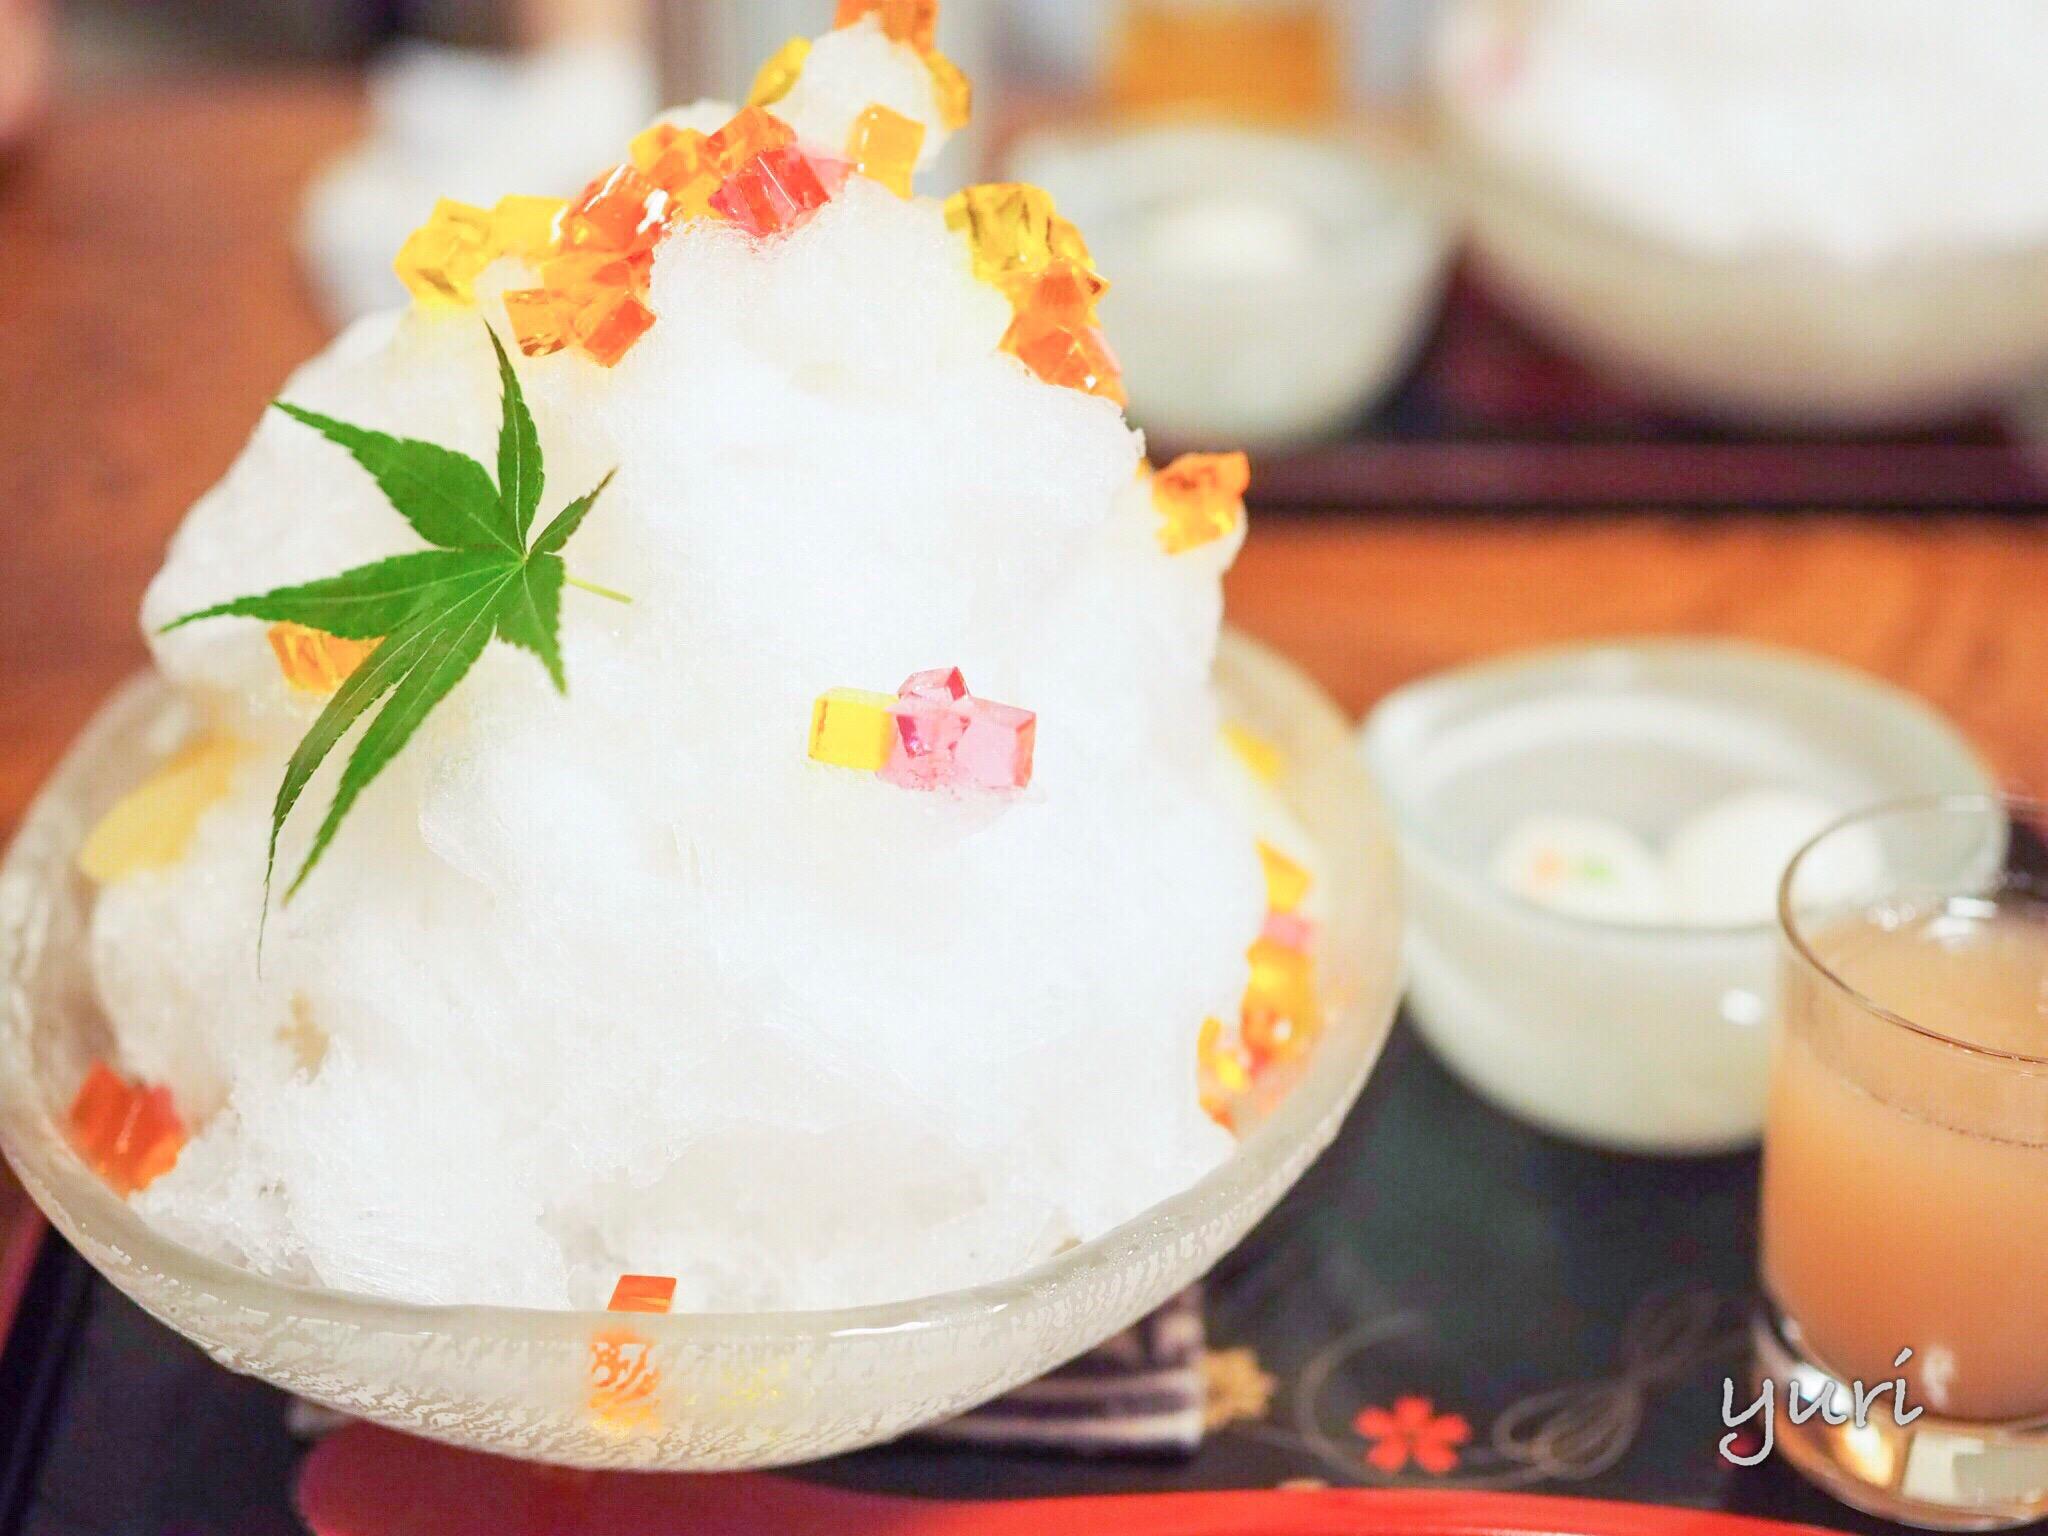 京都に来たら絶対行ってほしい!フォトジェニックなかき氷屋さん3店をご紹介